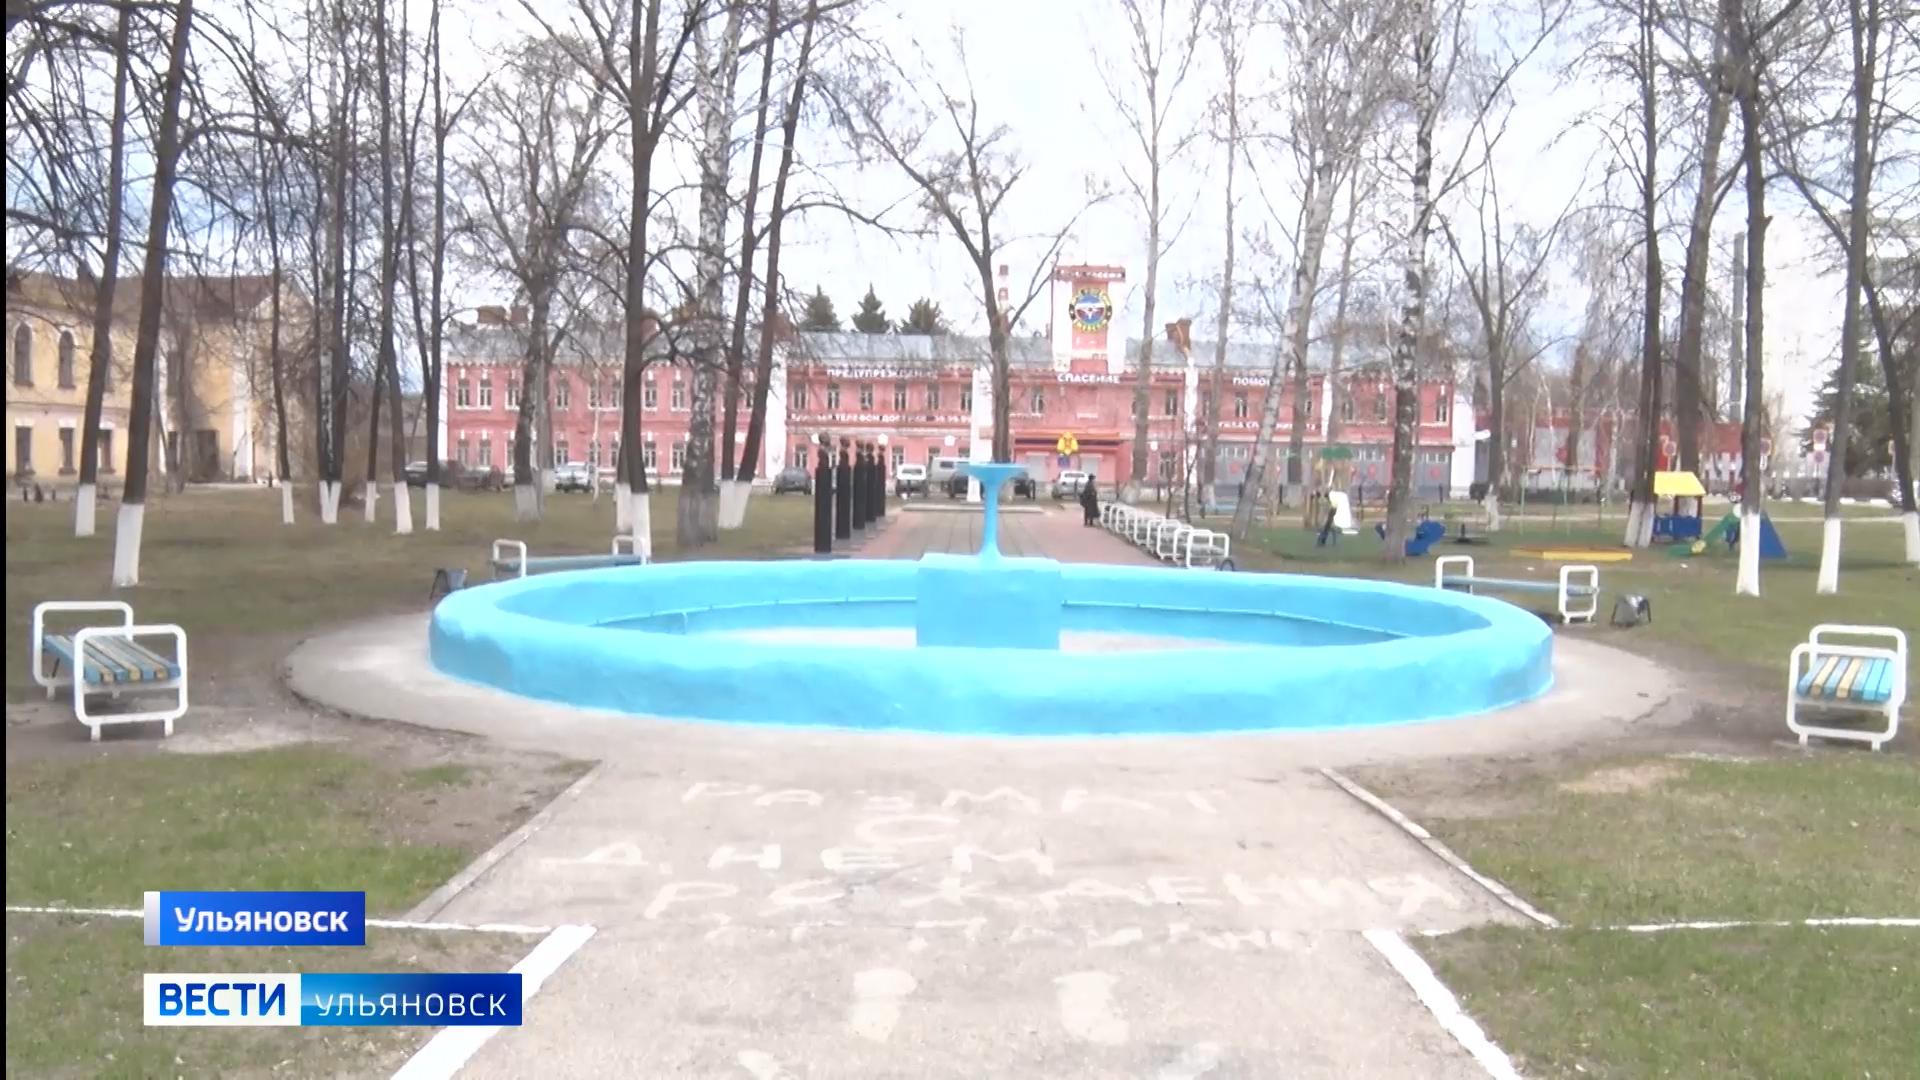 Глава Ульяновска Сергей Панчин провёл объезд территории города